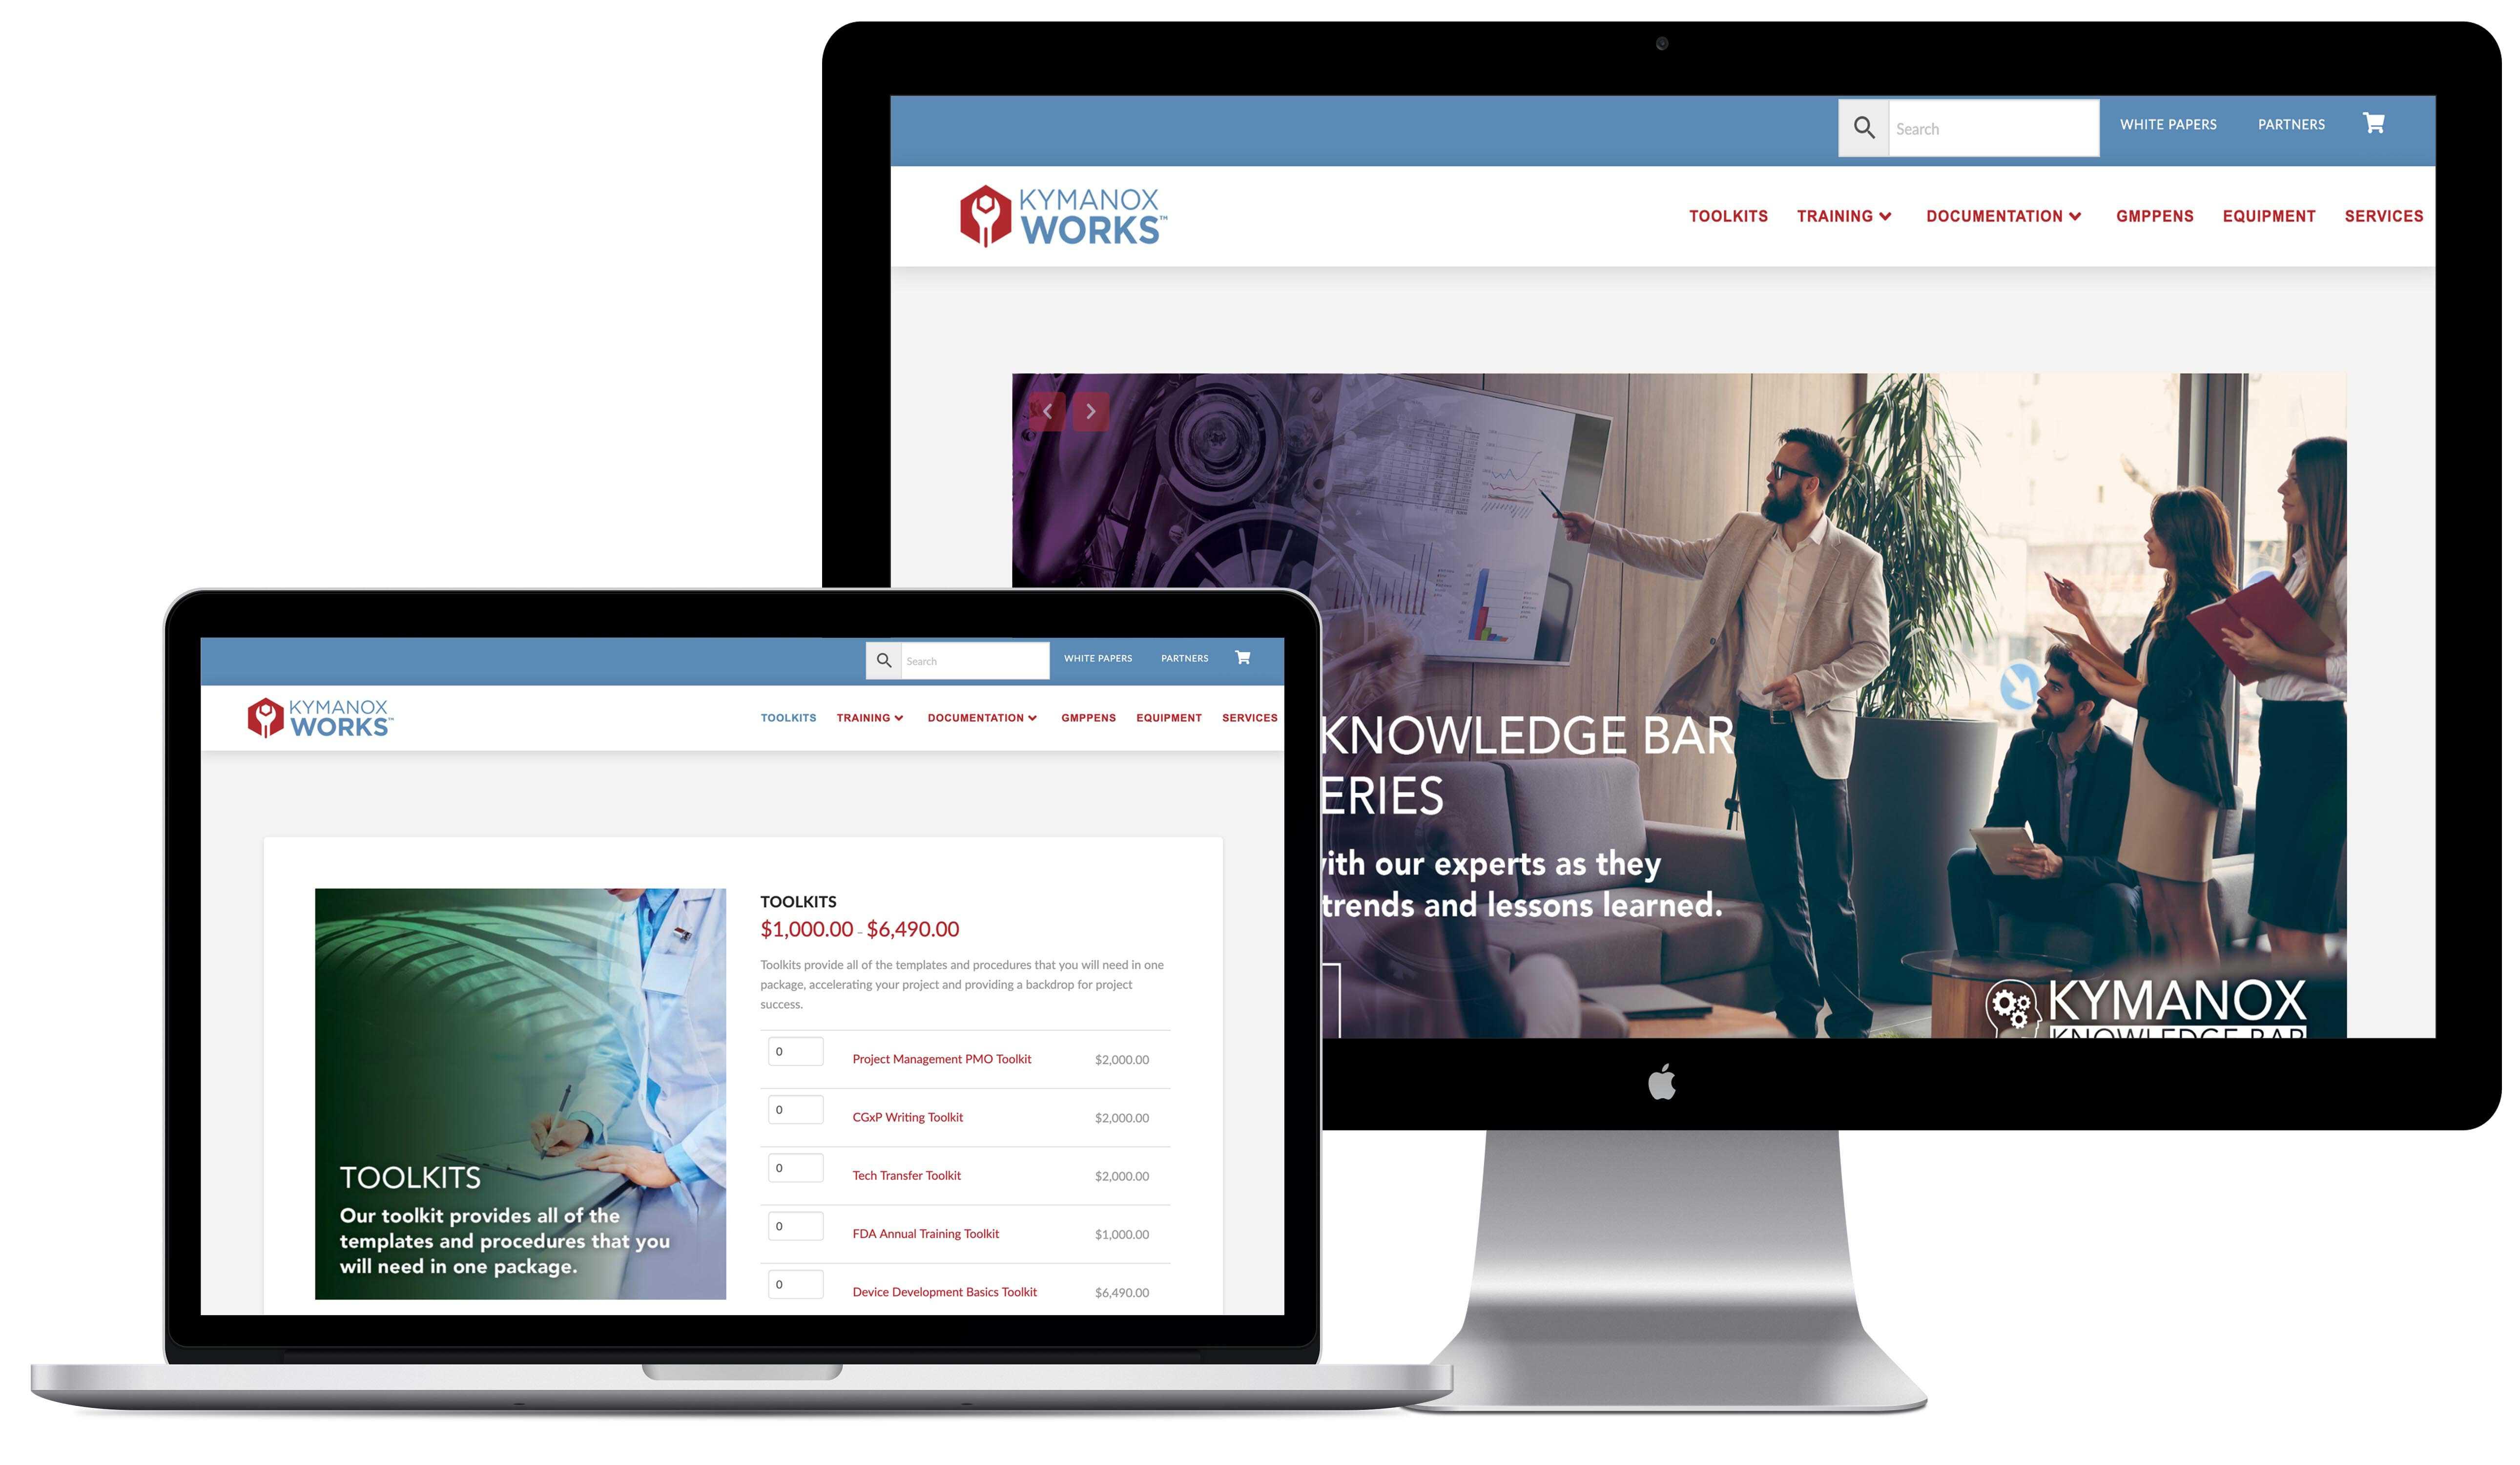 Kymanox Works Website